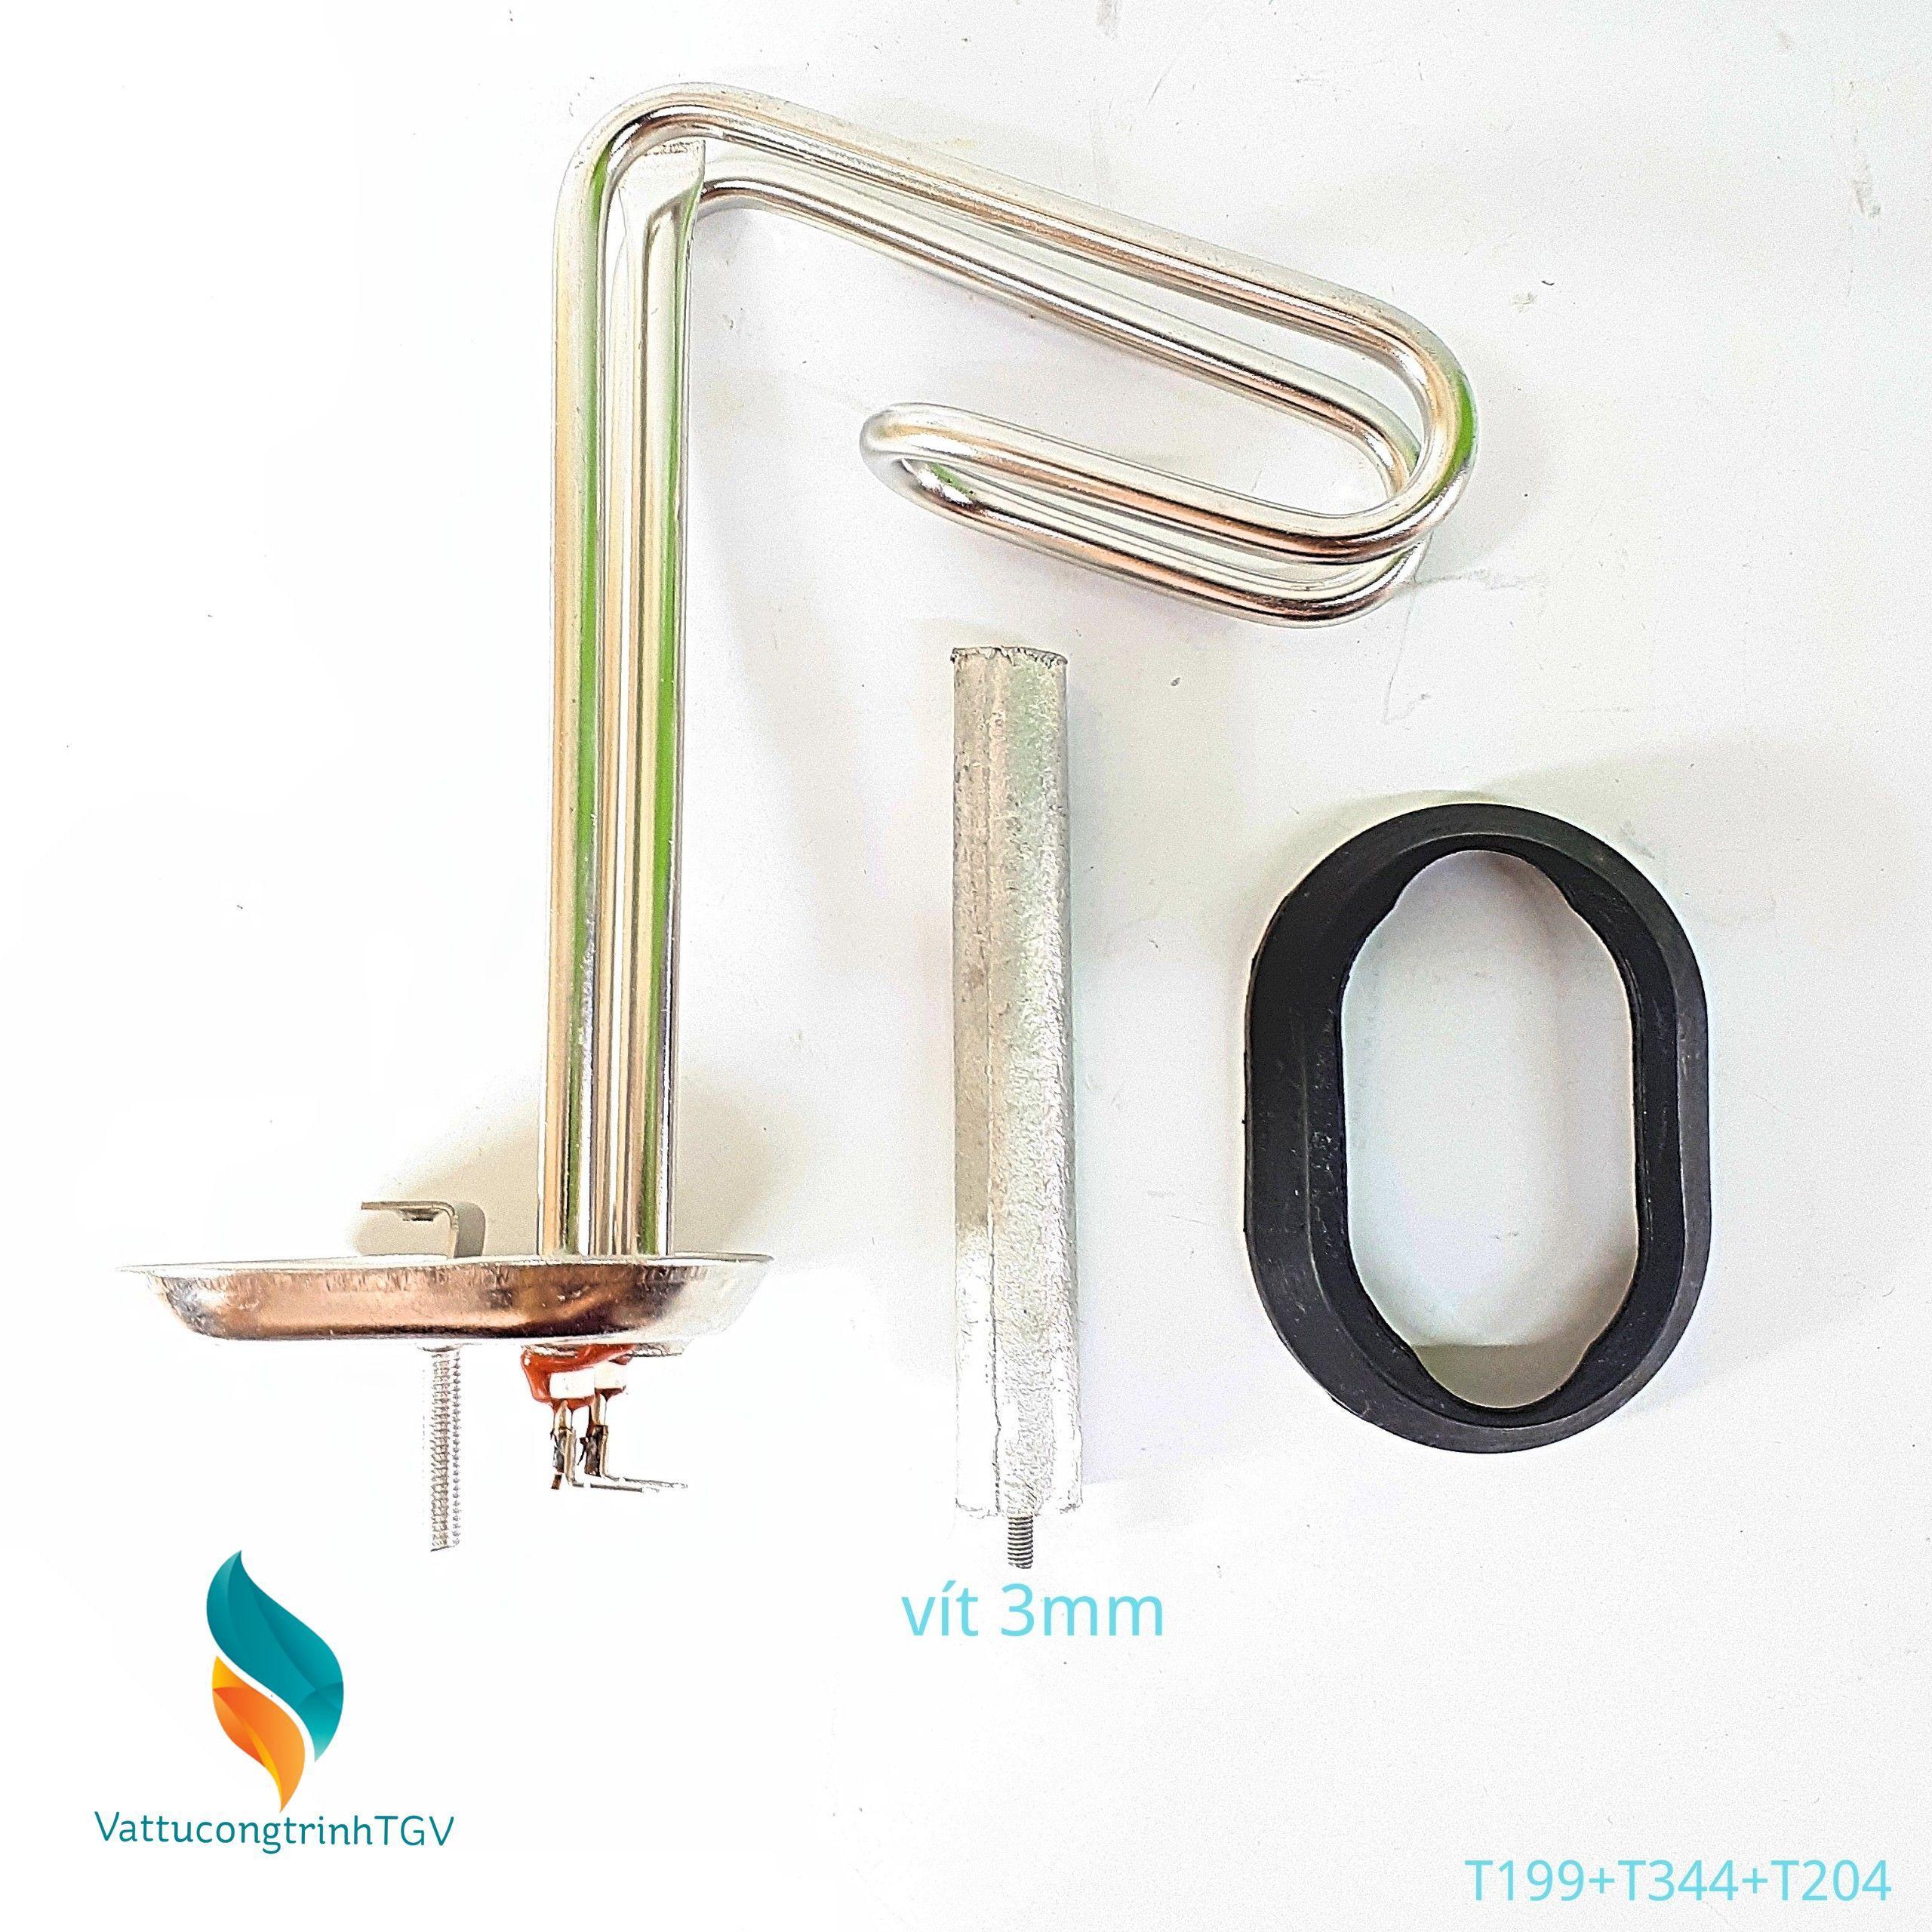 Bộ sợi đốt đa năng bát 6,5*20+13cm + Zoăng + Thanh magie 3mm cho Bình nóng lạnh ARISTON-PICENZA 15L (199+344+204)